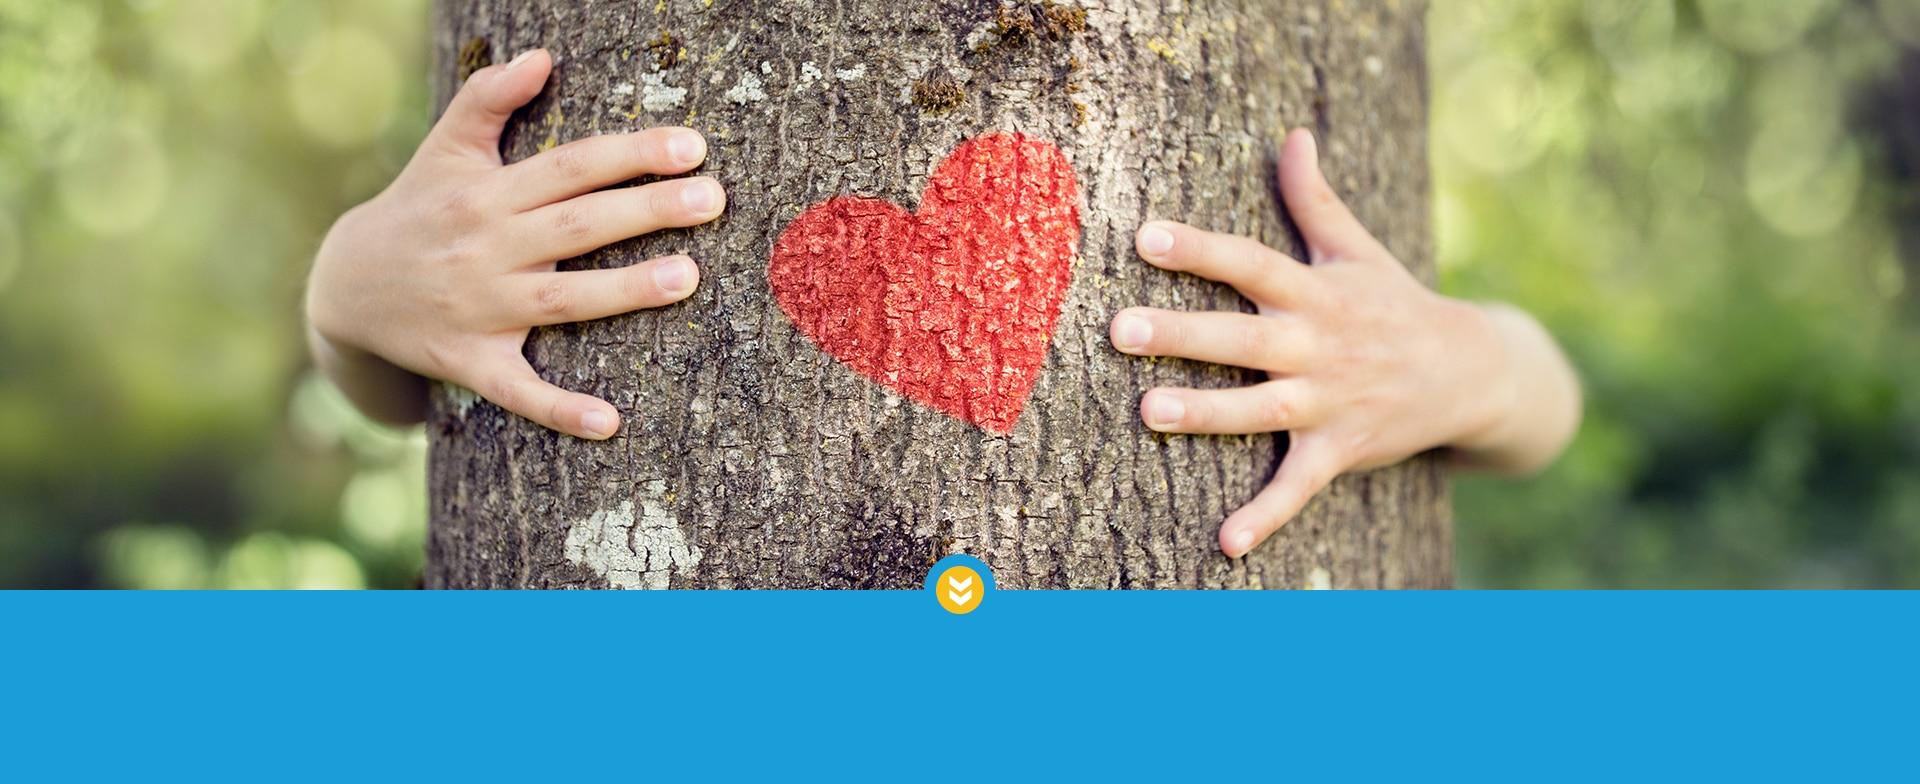 Bild: Baum mit Herz - Zeichen für erneuerbare Energien